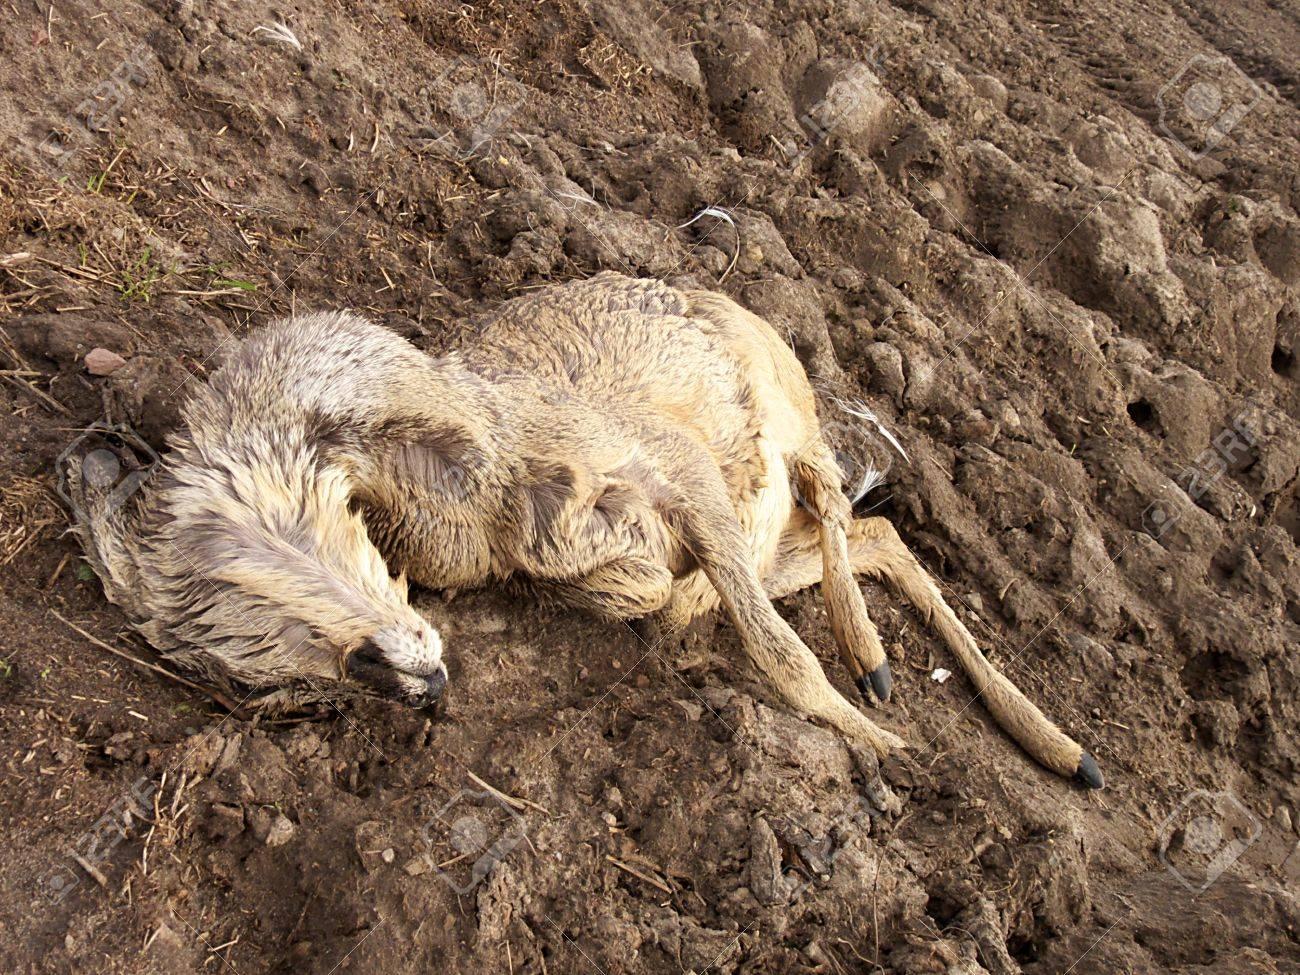 dead deer wildlife Stock Photo - 12054806